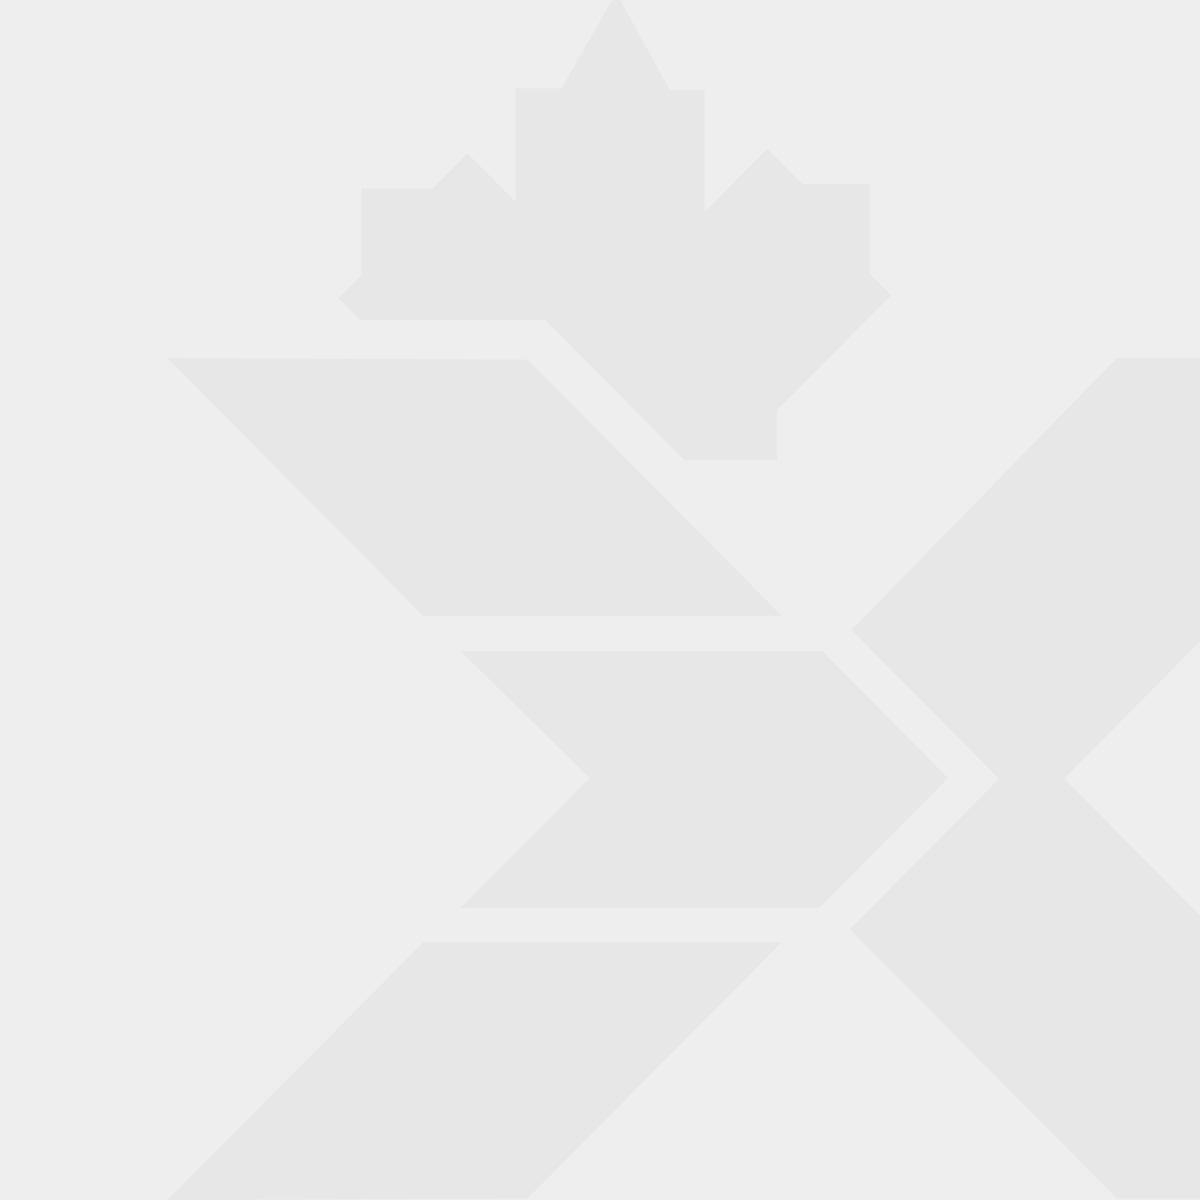 Chaussures pour de course Asics GT 1000 1000 6 pour course femme d3f89ab - canadian-onlinepharmacy.website